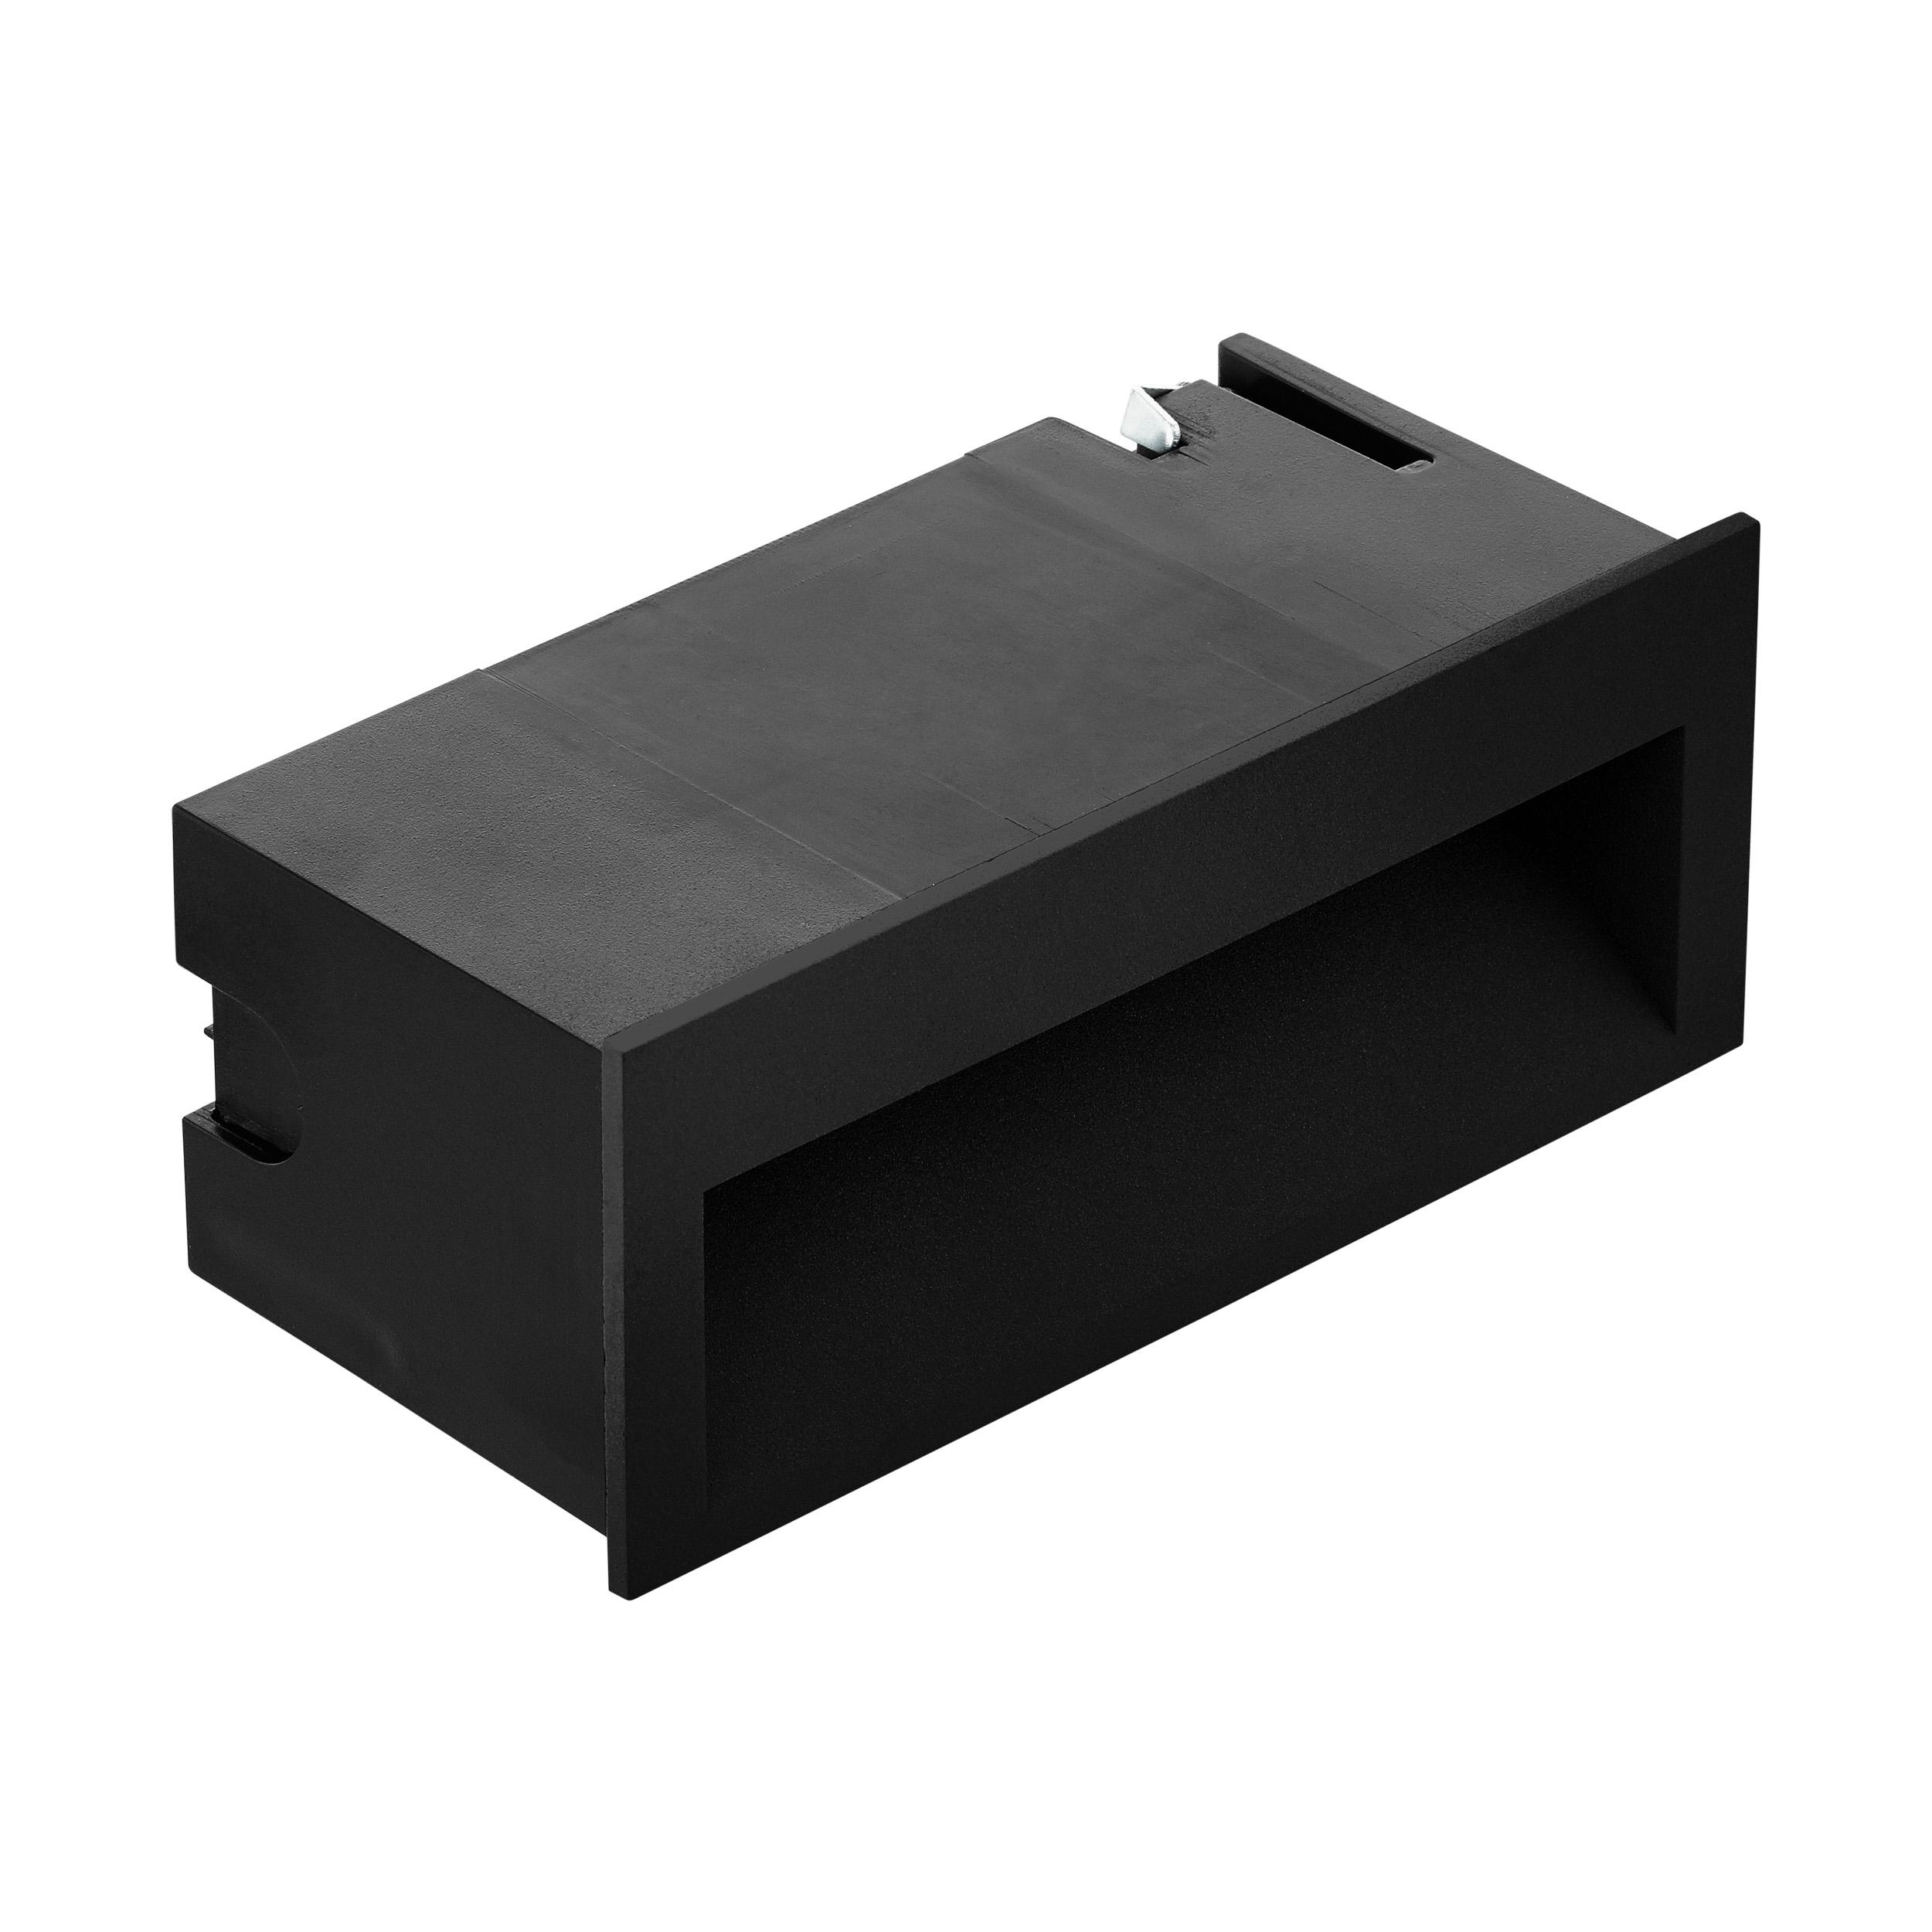 1 Stk Zimba Pro 4W 3000K anthrazit IP65 LI66263---